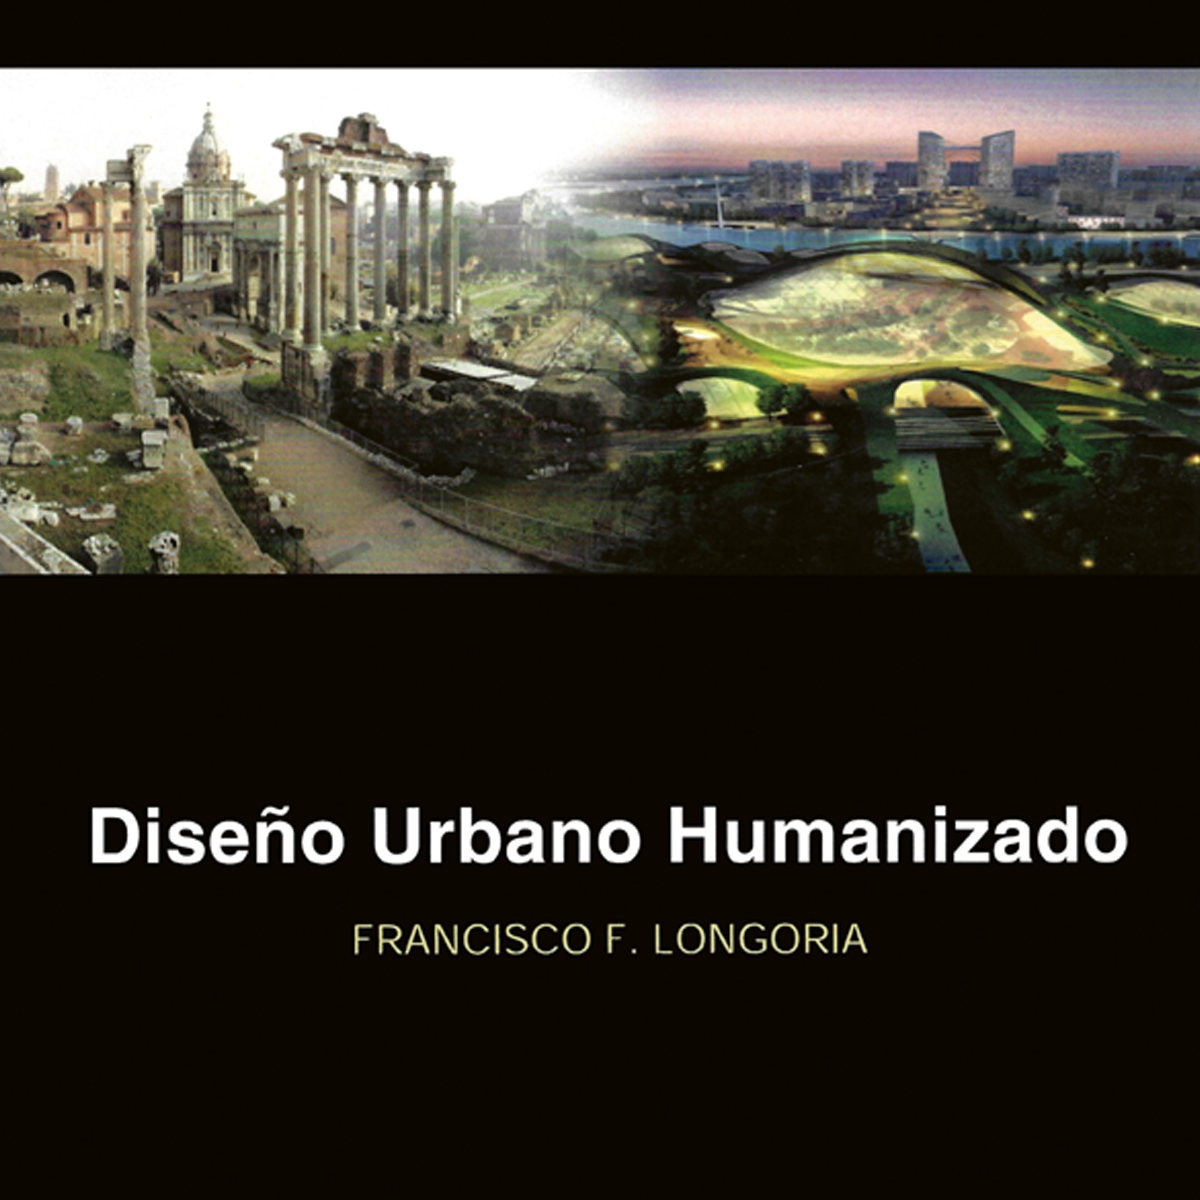 Diseño urbano humanizado